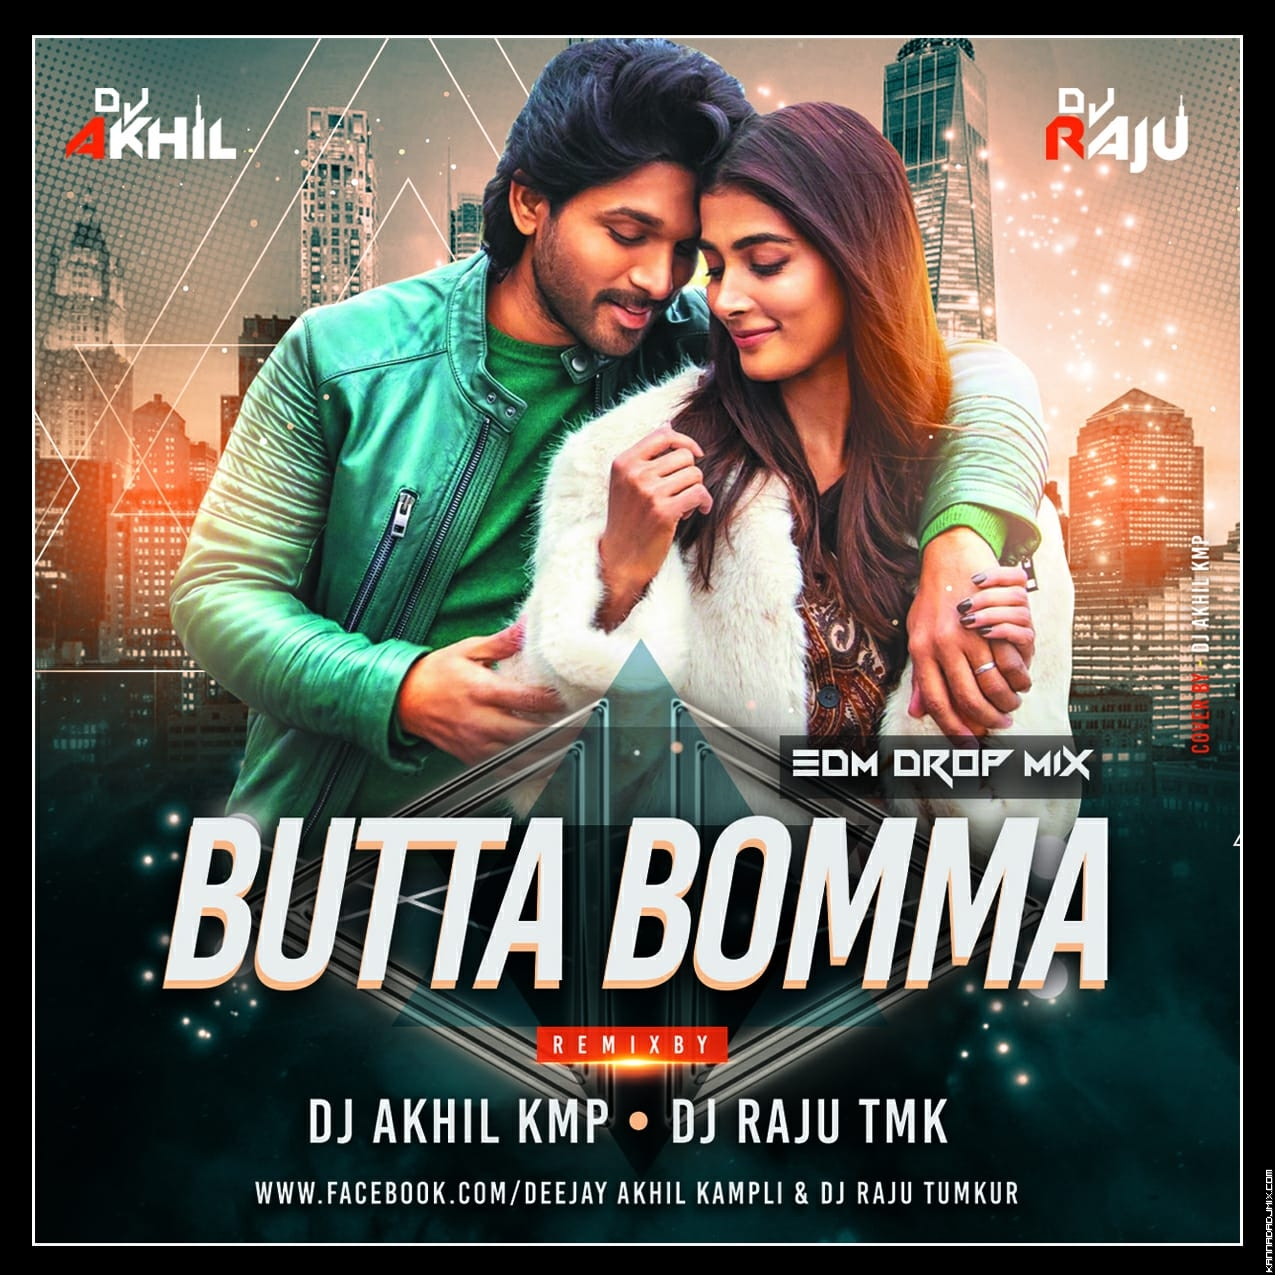 BUTTA BOMMA EDM MIX DJ AKHIL KMP X DJ RAJU TMK.mp3